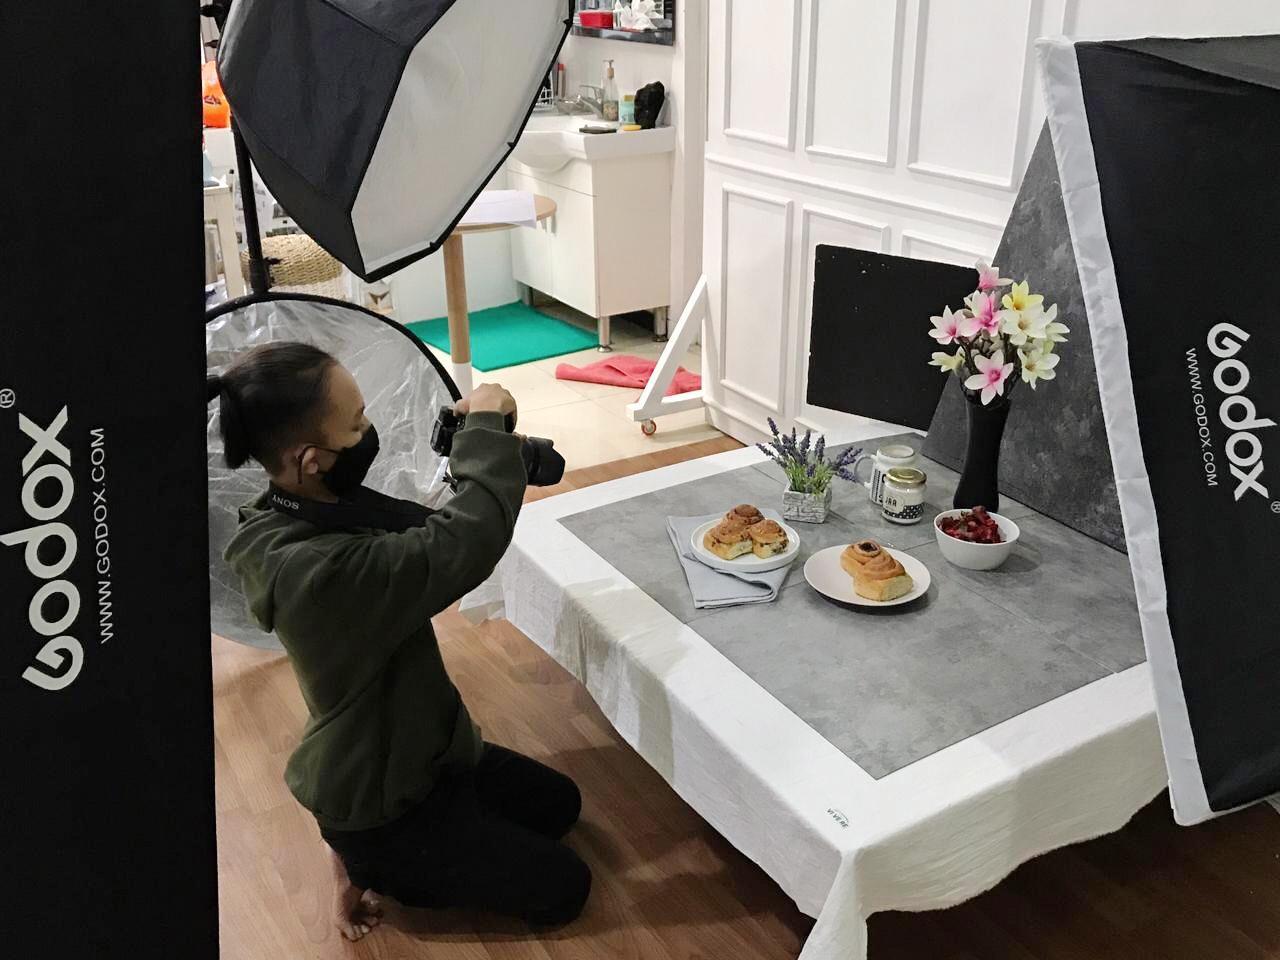 PRODUKTIF: Deo Putra Yuniarto, salah satu fotografer yang berasal dari Kabupaten Pati, saat tengah melakukan pemotretan food & product beberapa waktu yang lalu. (ISTIMEWA/LINGKAR.CO)